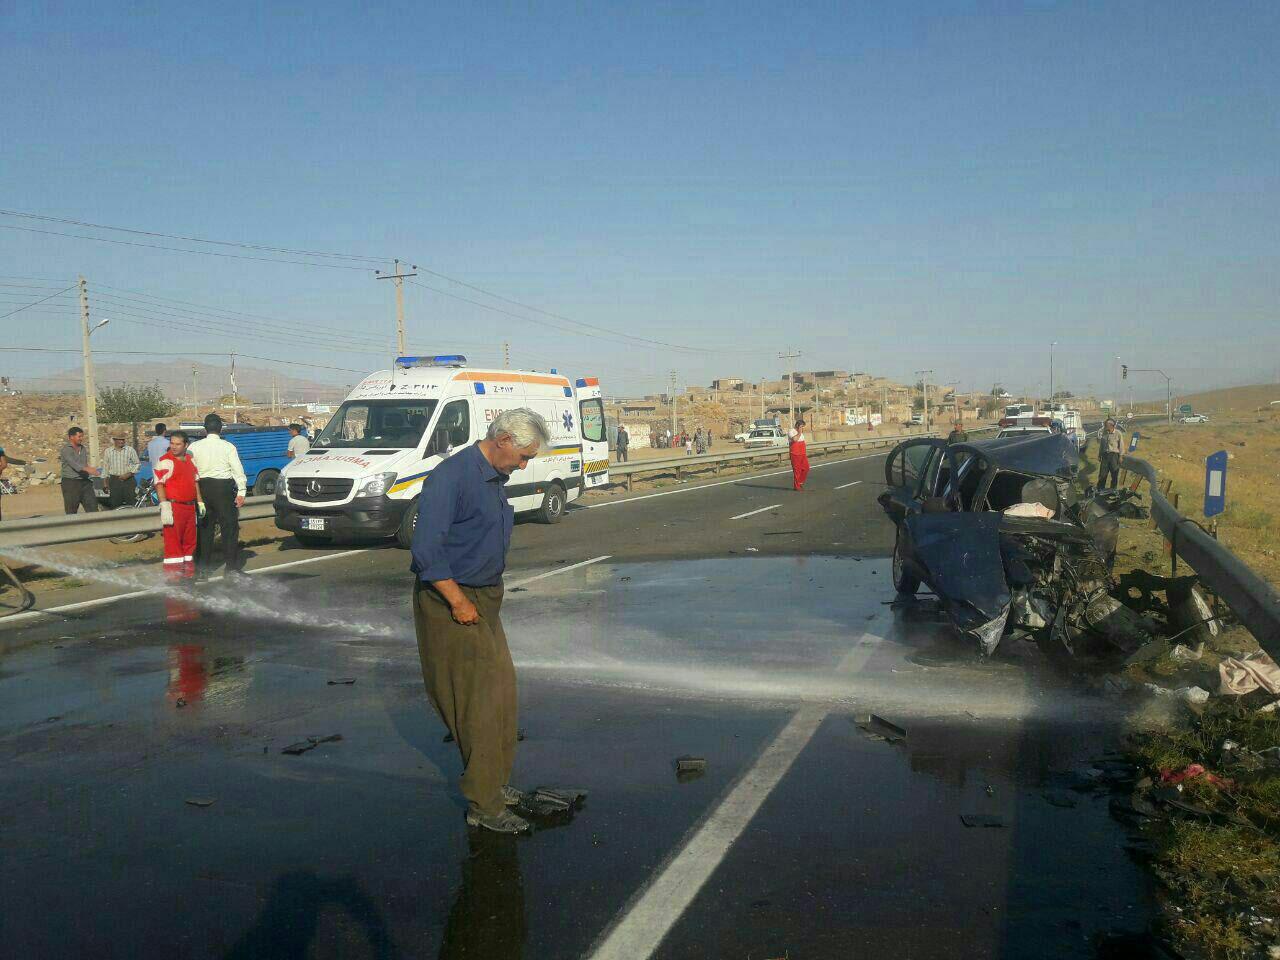 2 کشته و 7 زخمی در تصادف جاده آذربایجان شرقی (+عکس)